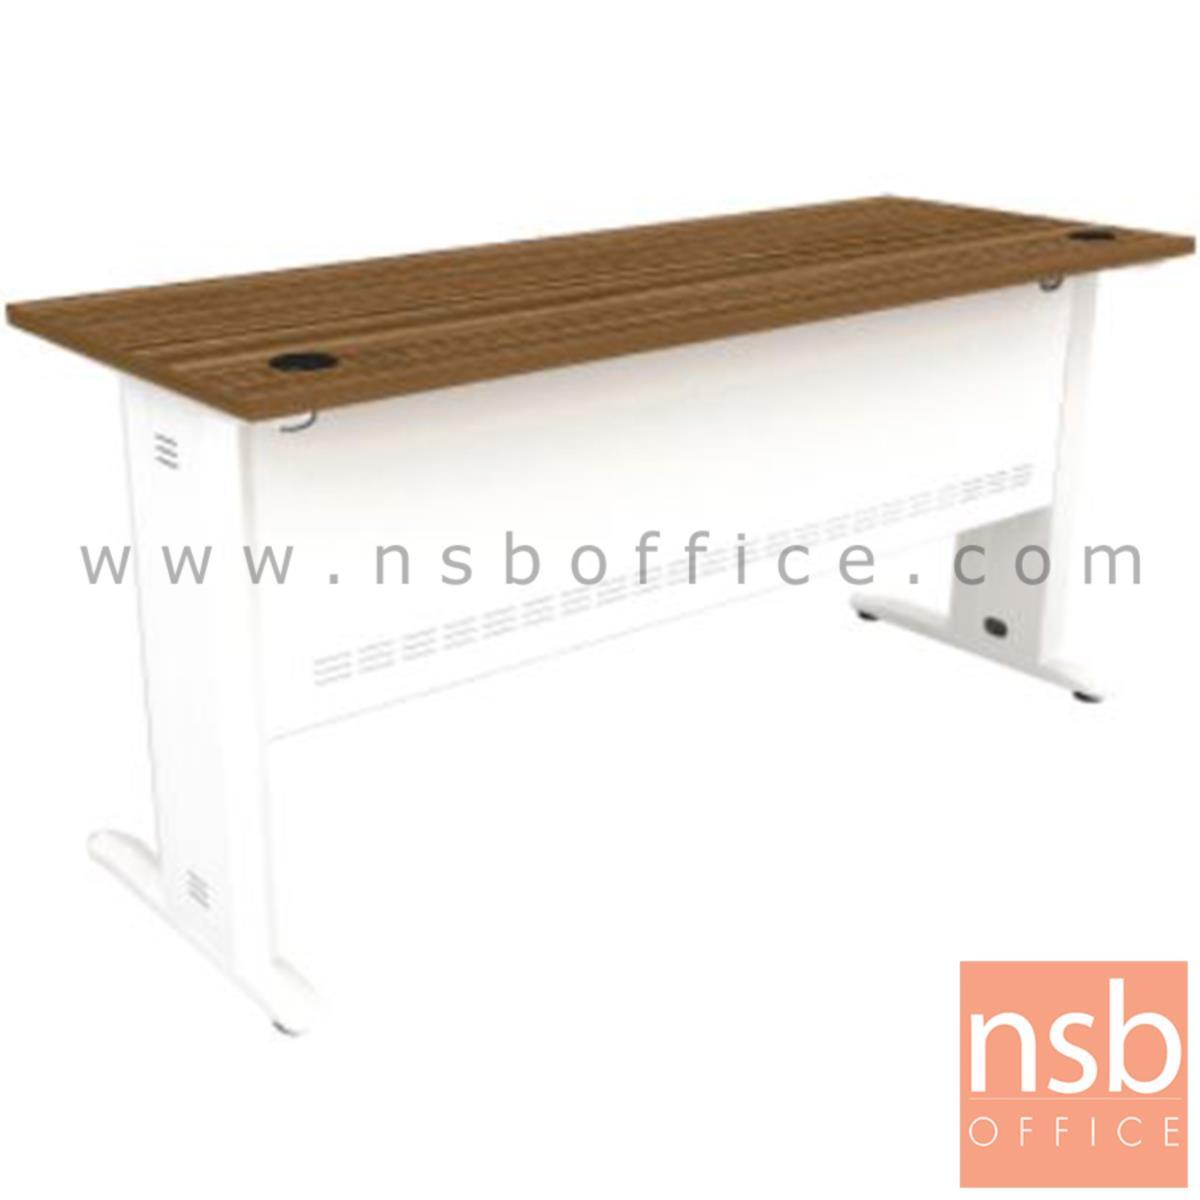 โต๊ะทำงาน รุ่น Rosie (โรซี่) ขนาด 120W ,160W cm.  สีซีบราโน่-ขาว